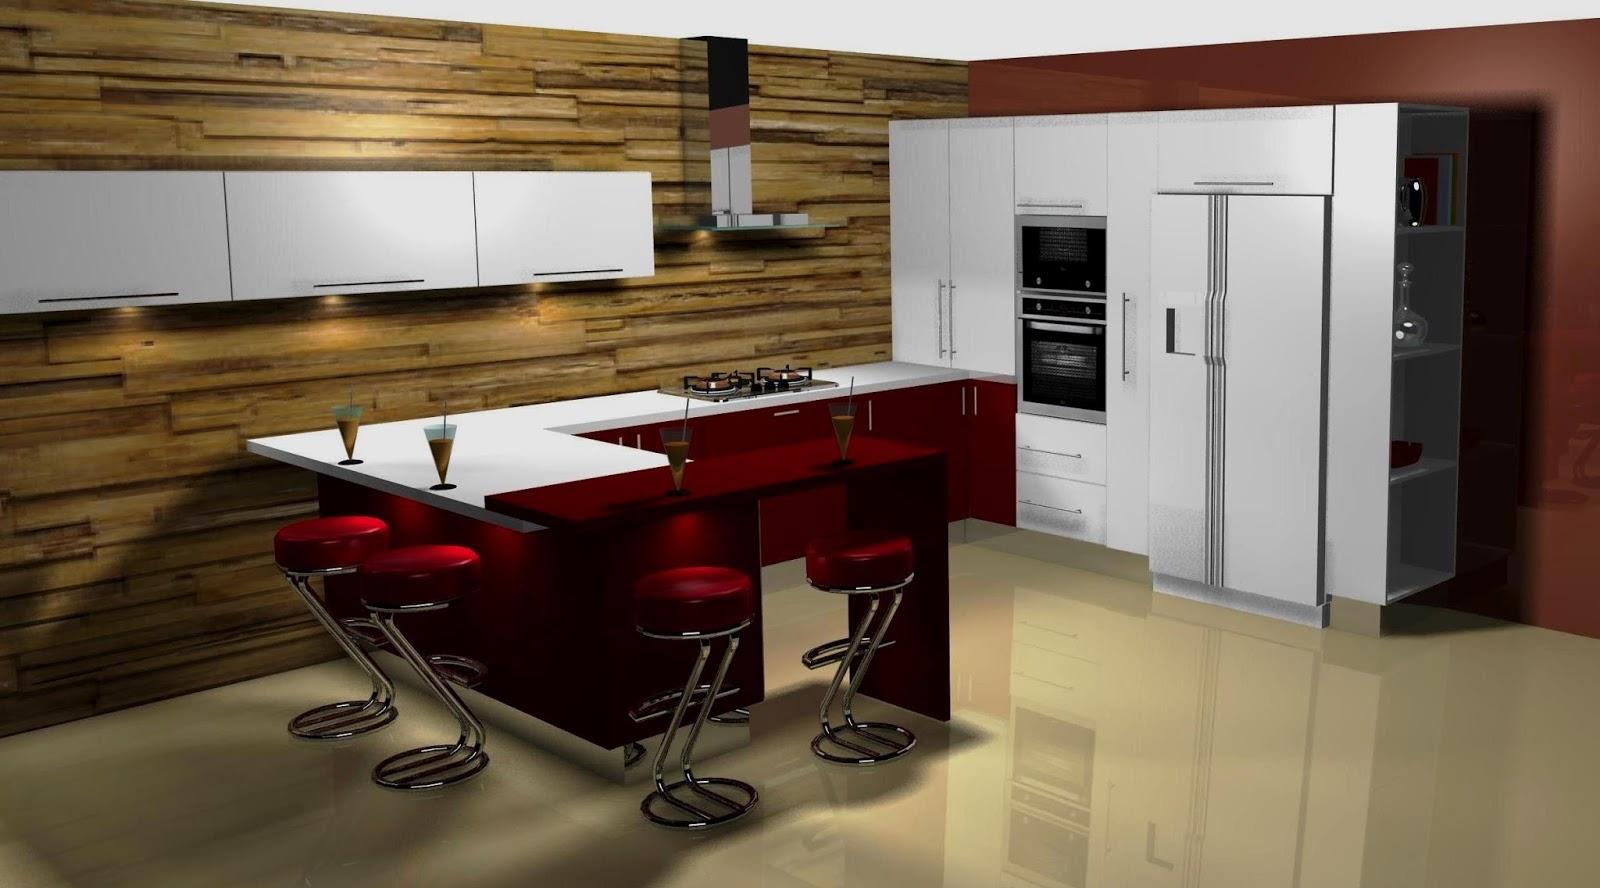 Dise o muebles de cocina dise o de cocina en blanco y burdeos for Cocinas diseno 2016